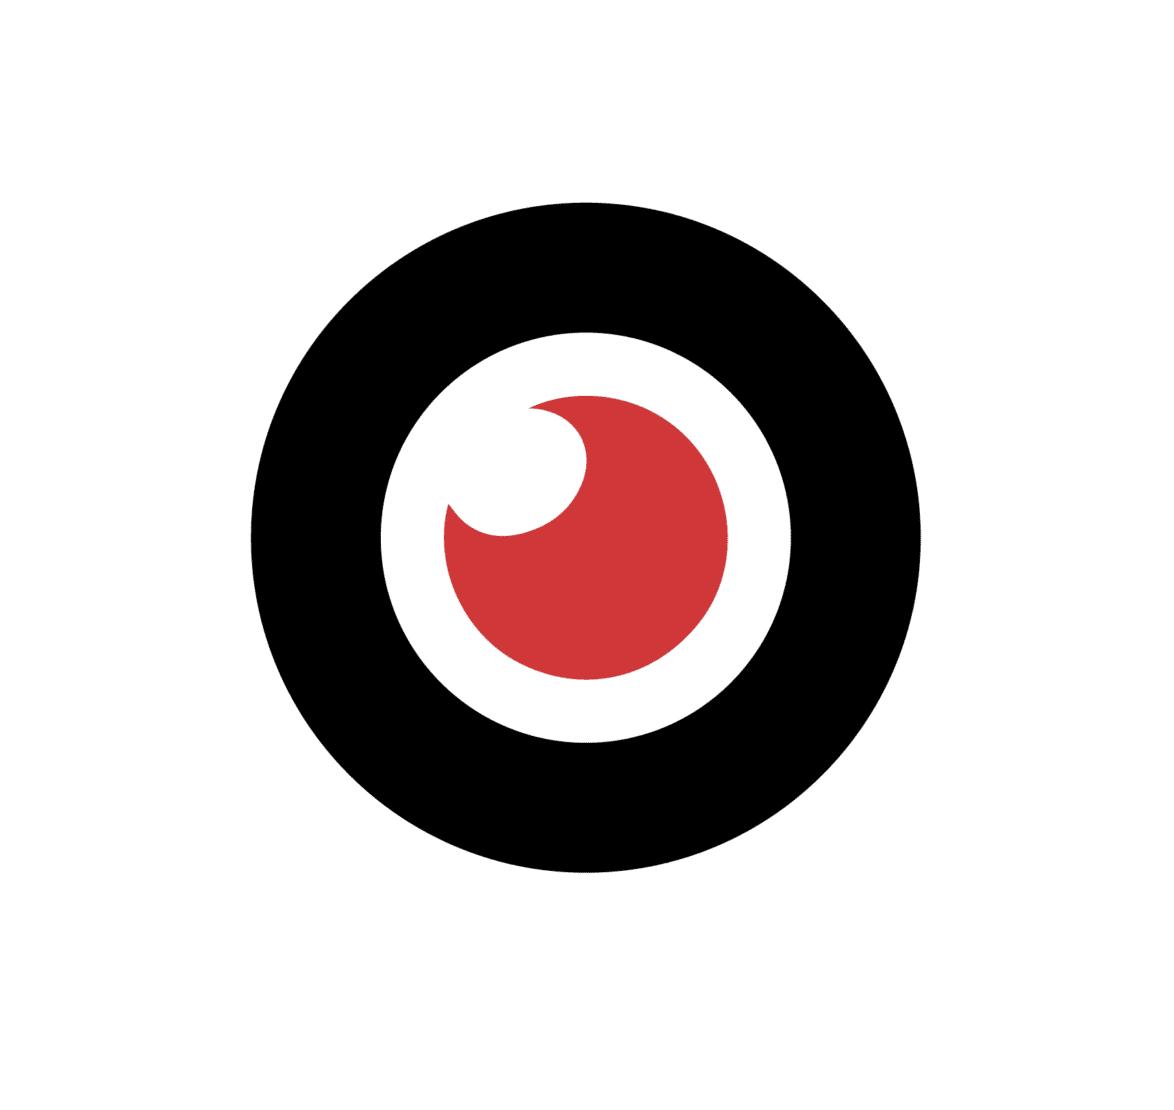 المشاهد - موقع يمني